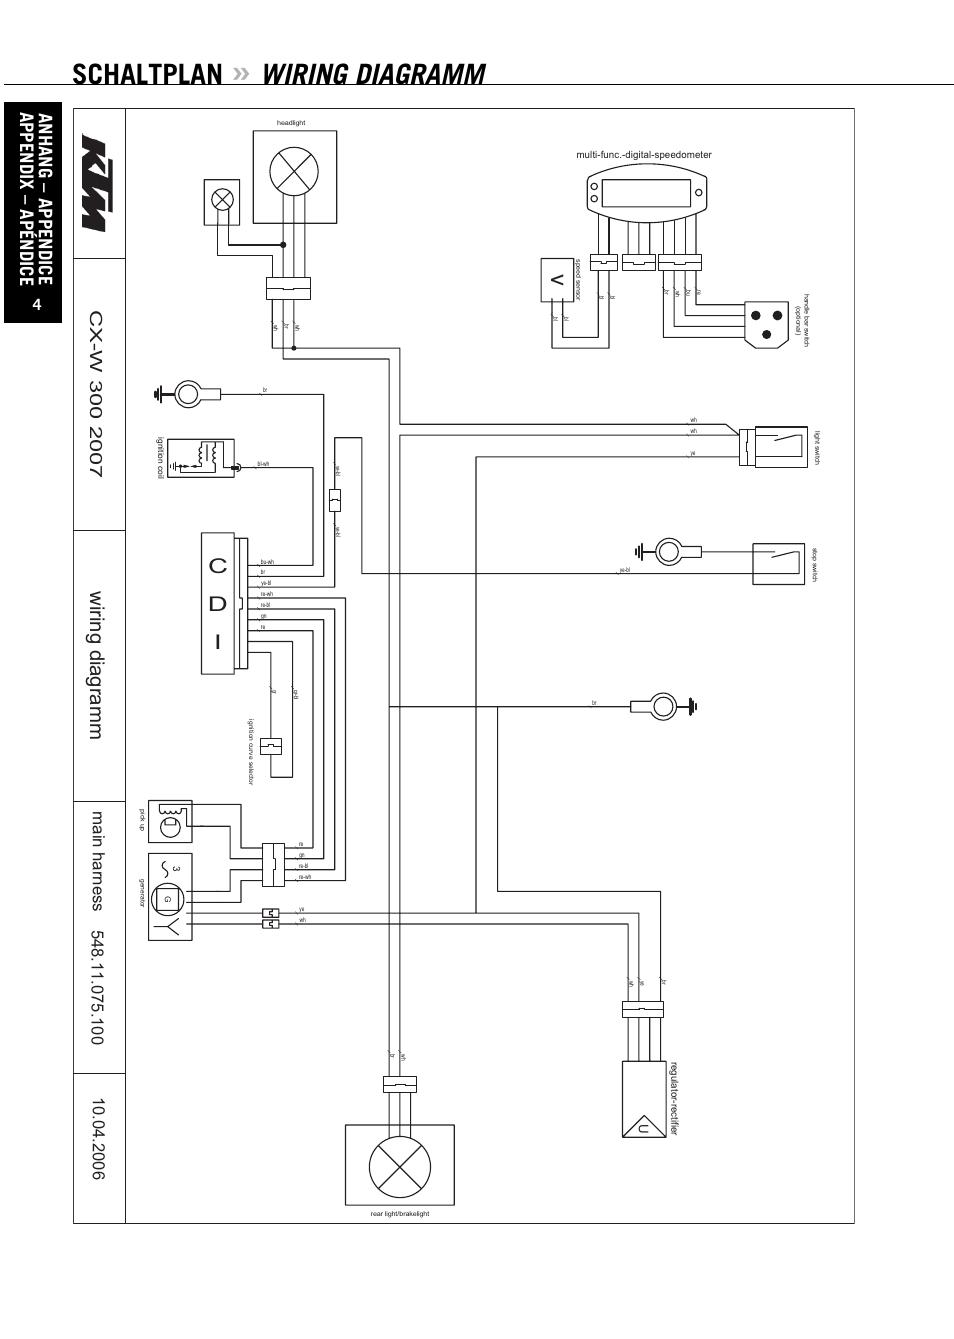 hight resolution of g 06 ktm exc wiring diagram wiring diagram todaysg 06 ktm exc wiring diagram simple wiring